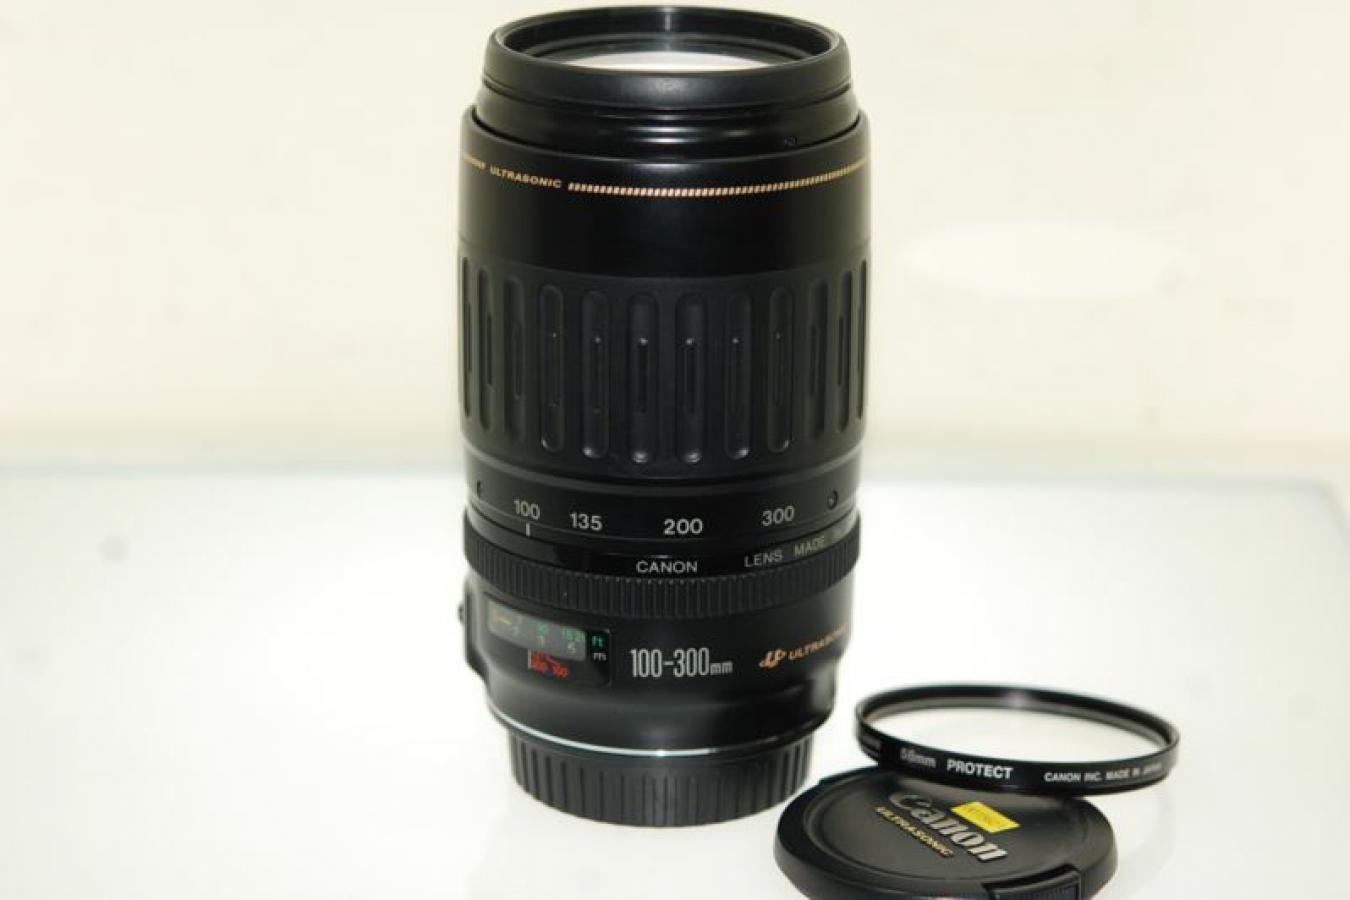 キャノン EF100-300mm F4.5-5.6 USM 【純正58mmプロテクトフィルター付】